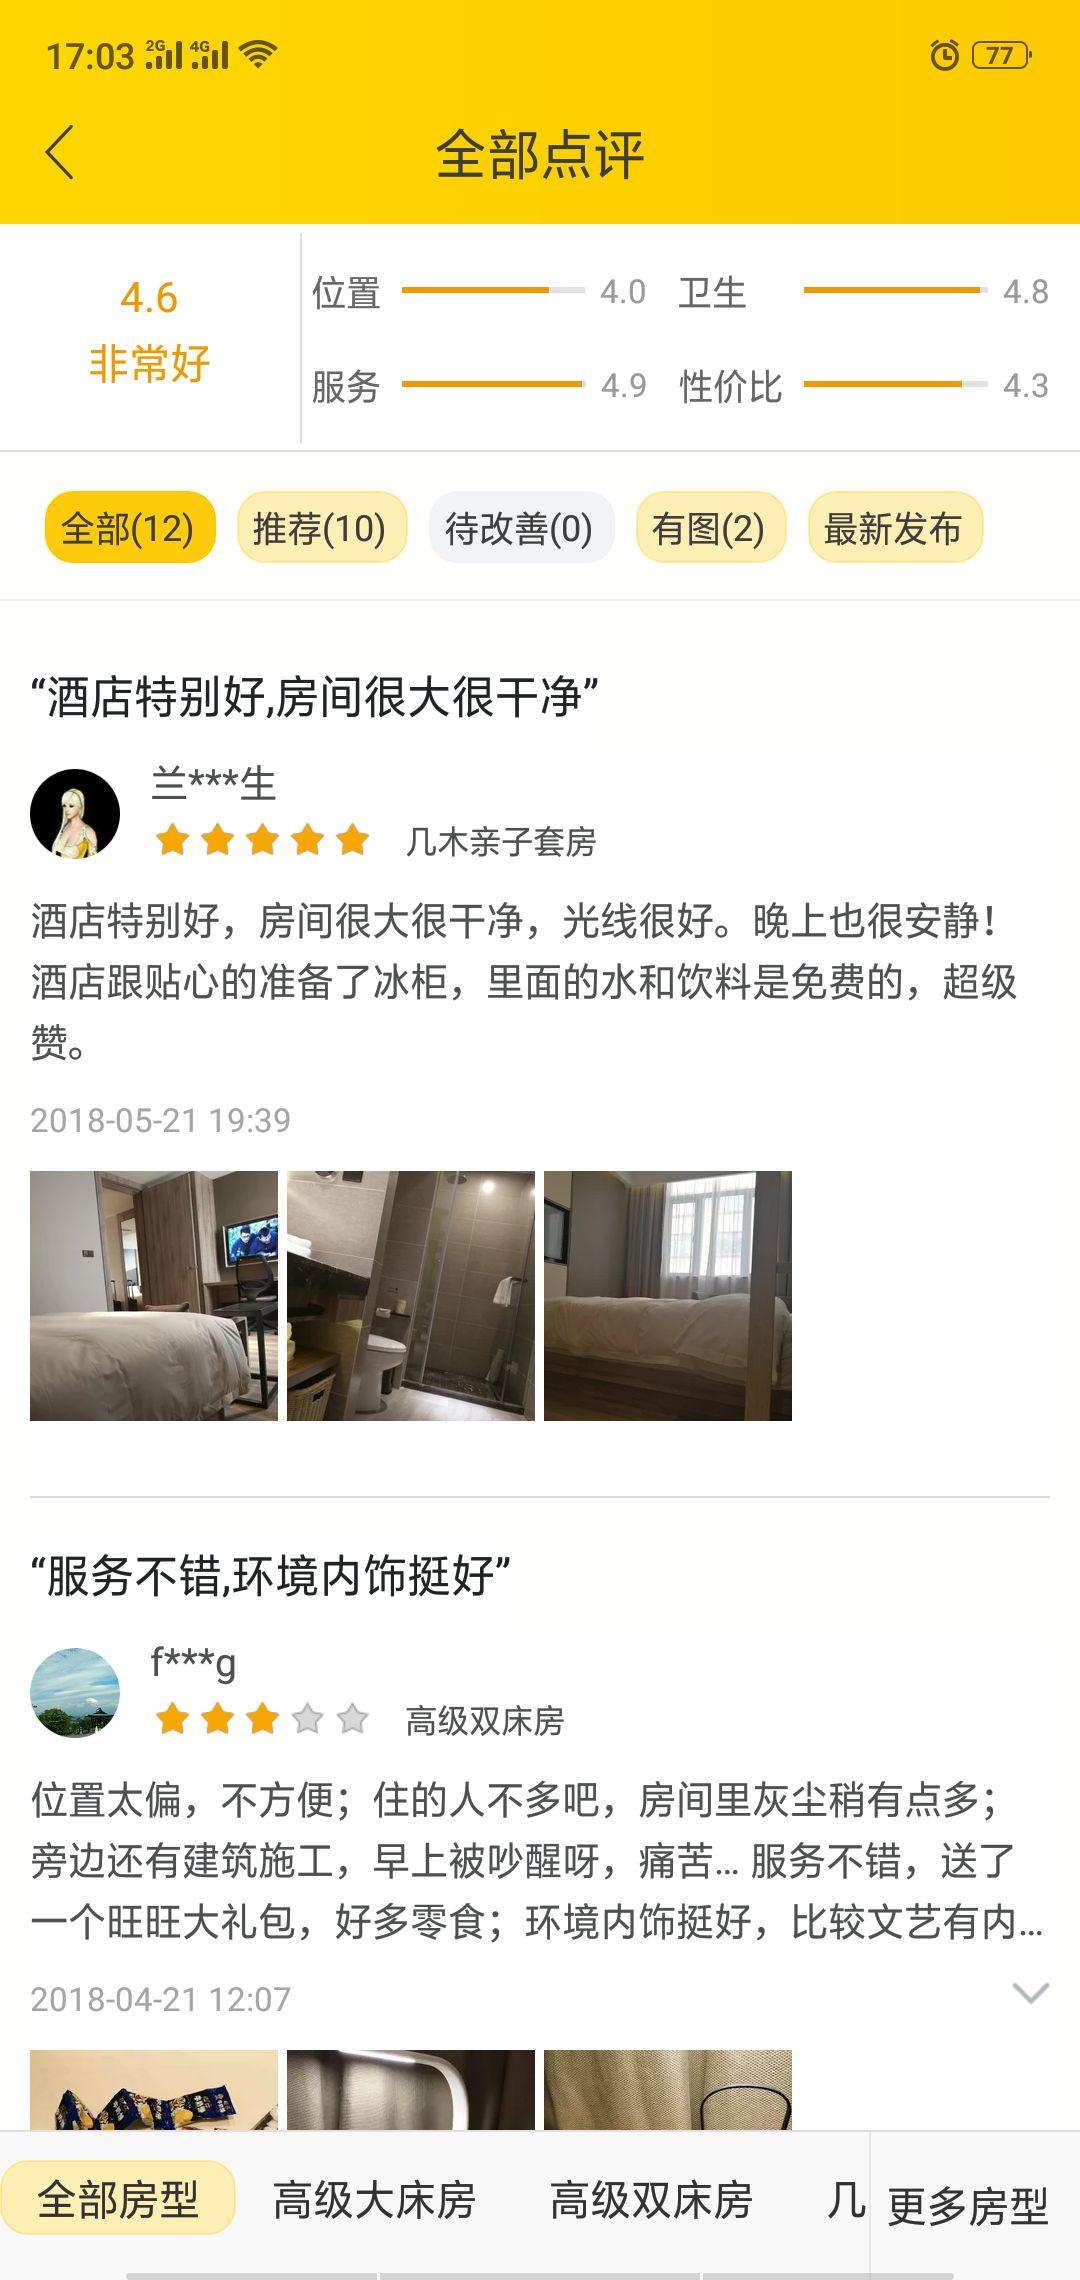 吴晓波、网易、虎扑都愿意合作的酒店,它到底有哪些迷人之处?